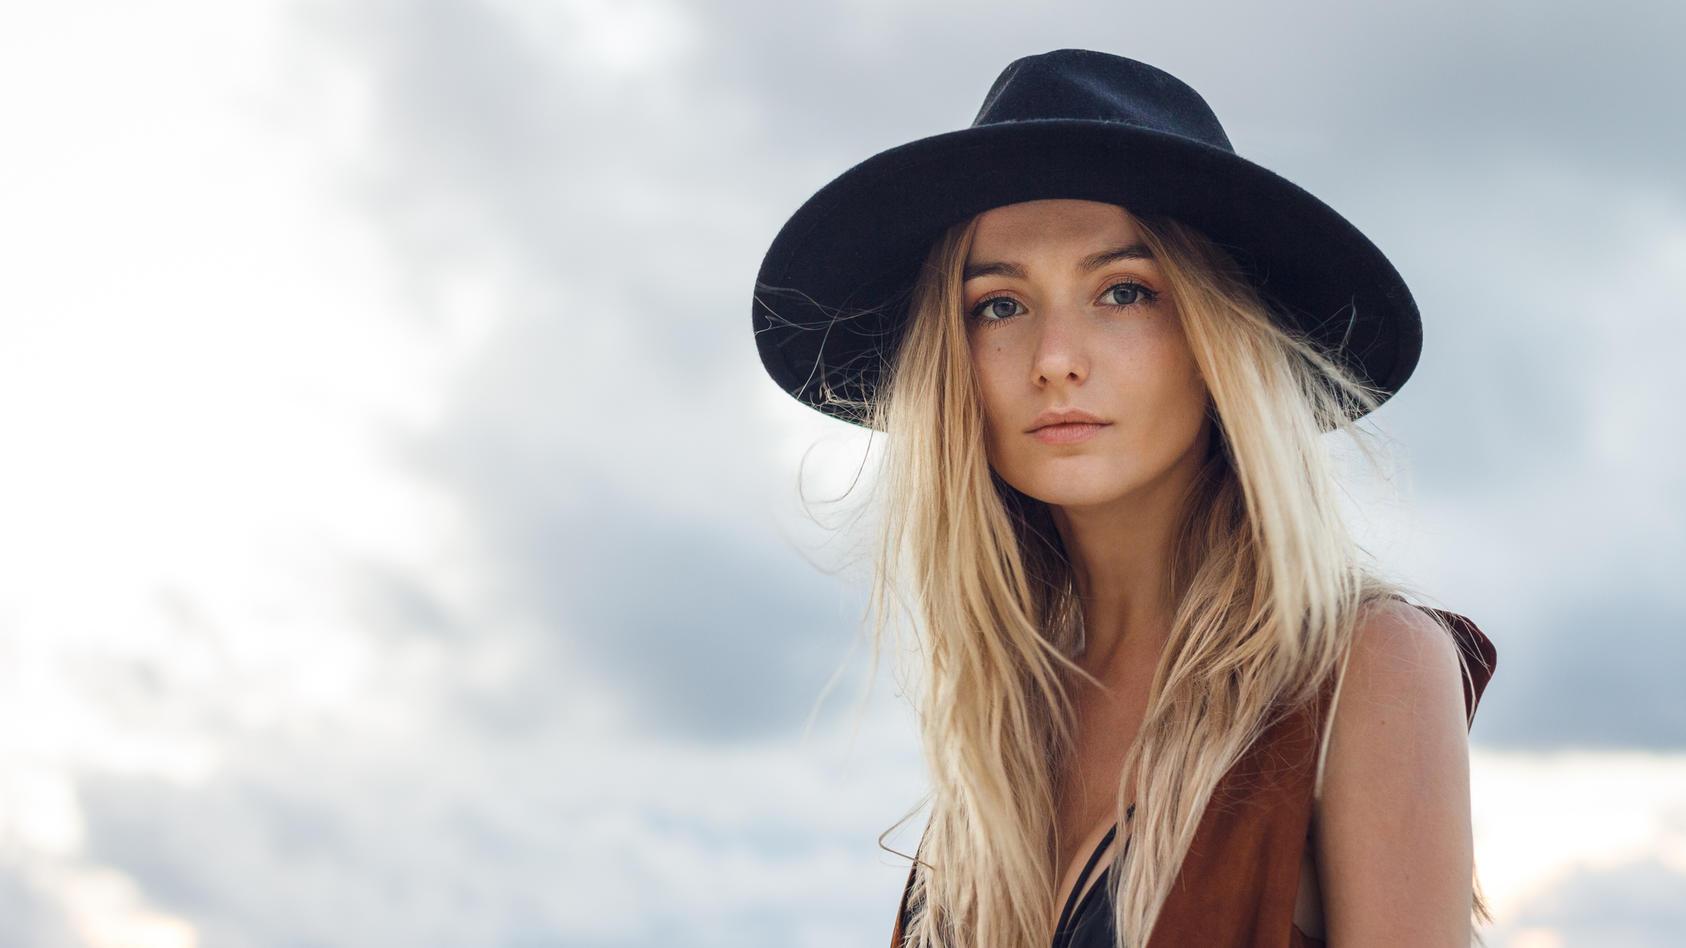 Ein Hut kann einen Bad Hair Day im Nu retten.